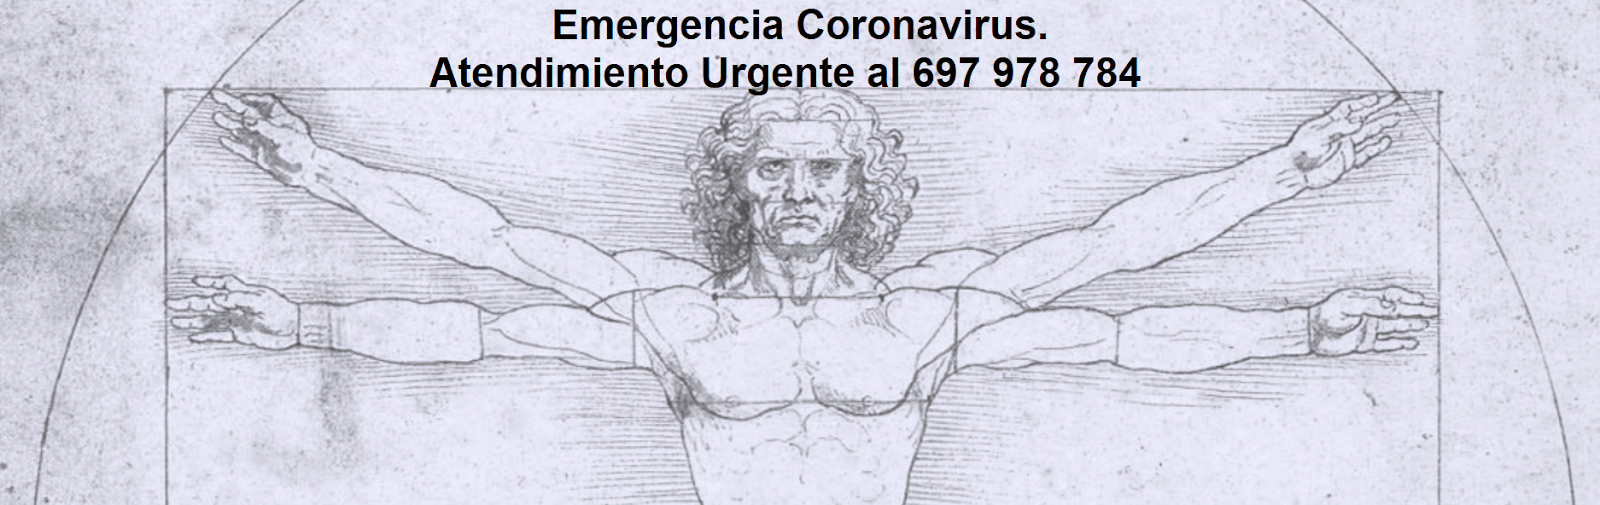 Solo urgencias: 697 978 784